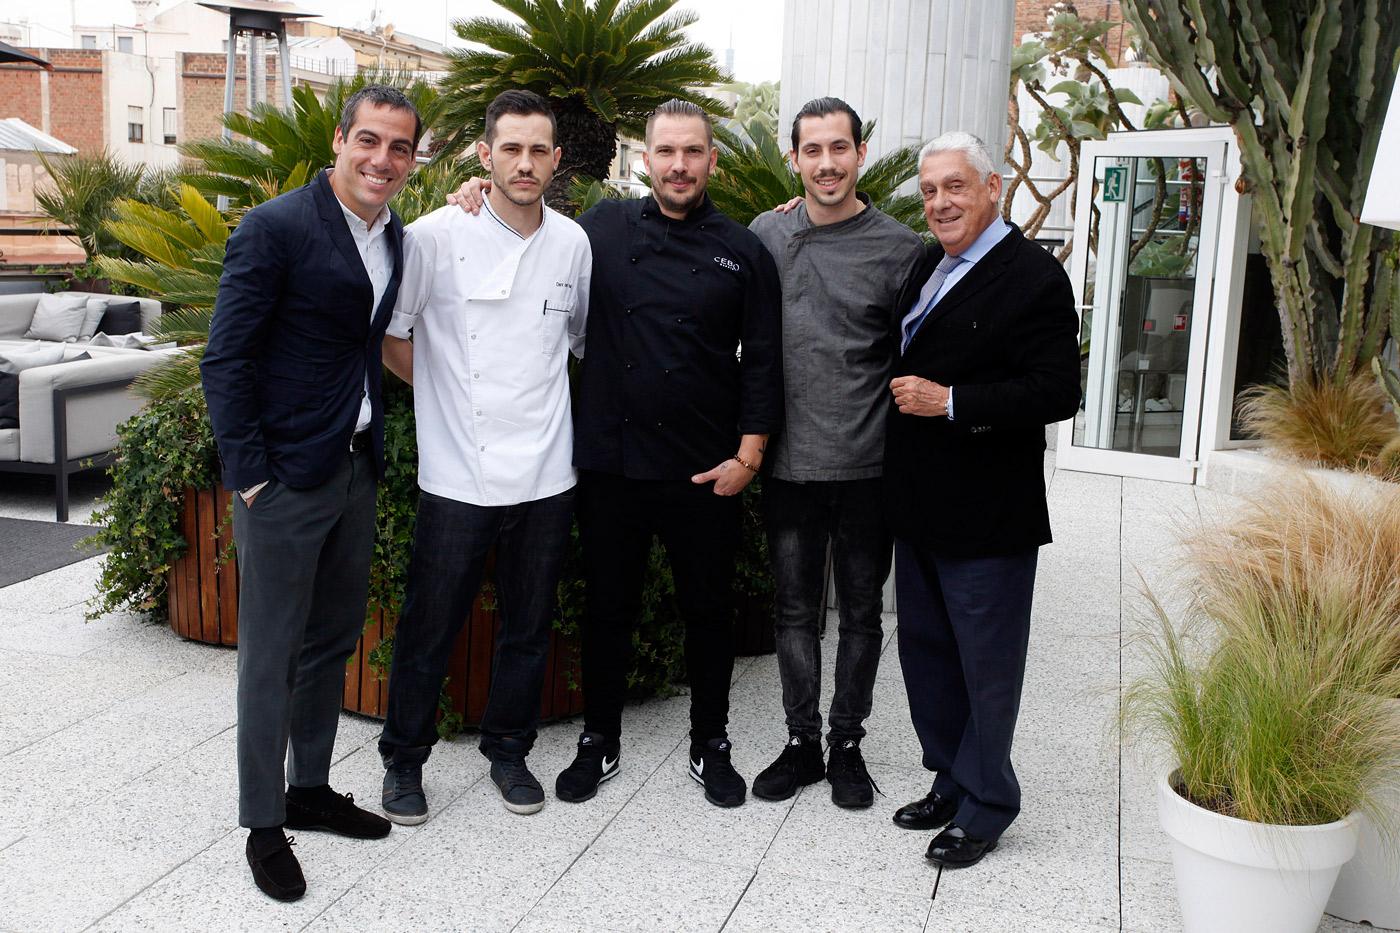 Joaquim Clos, Jordi Clos, Daniel del Val, Aurelio Morales y Daniel Hernandez - New menu at La Terraza del Claris